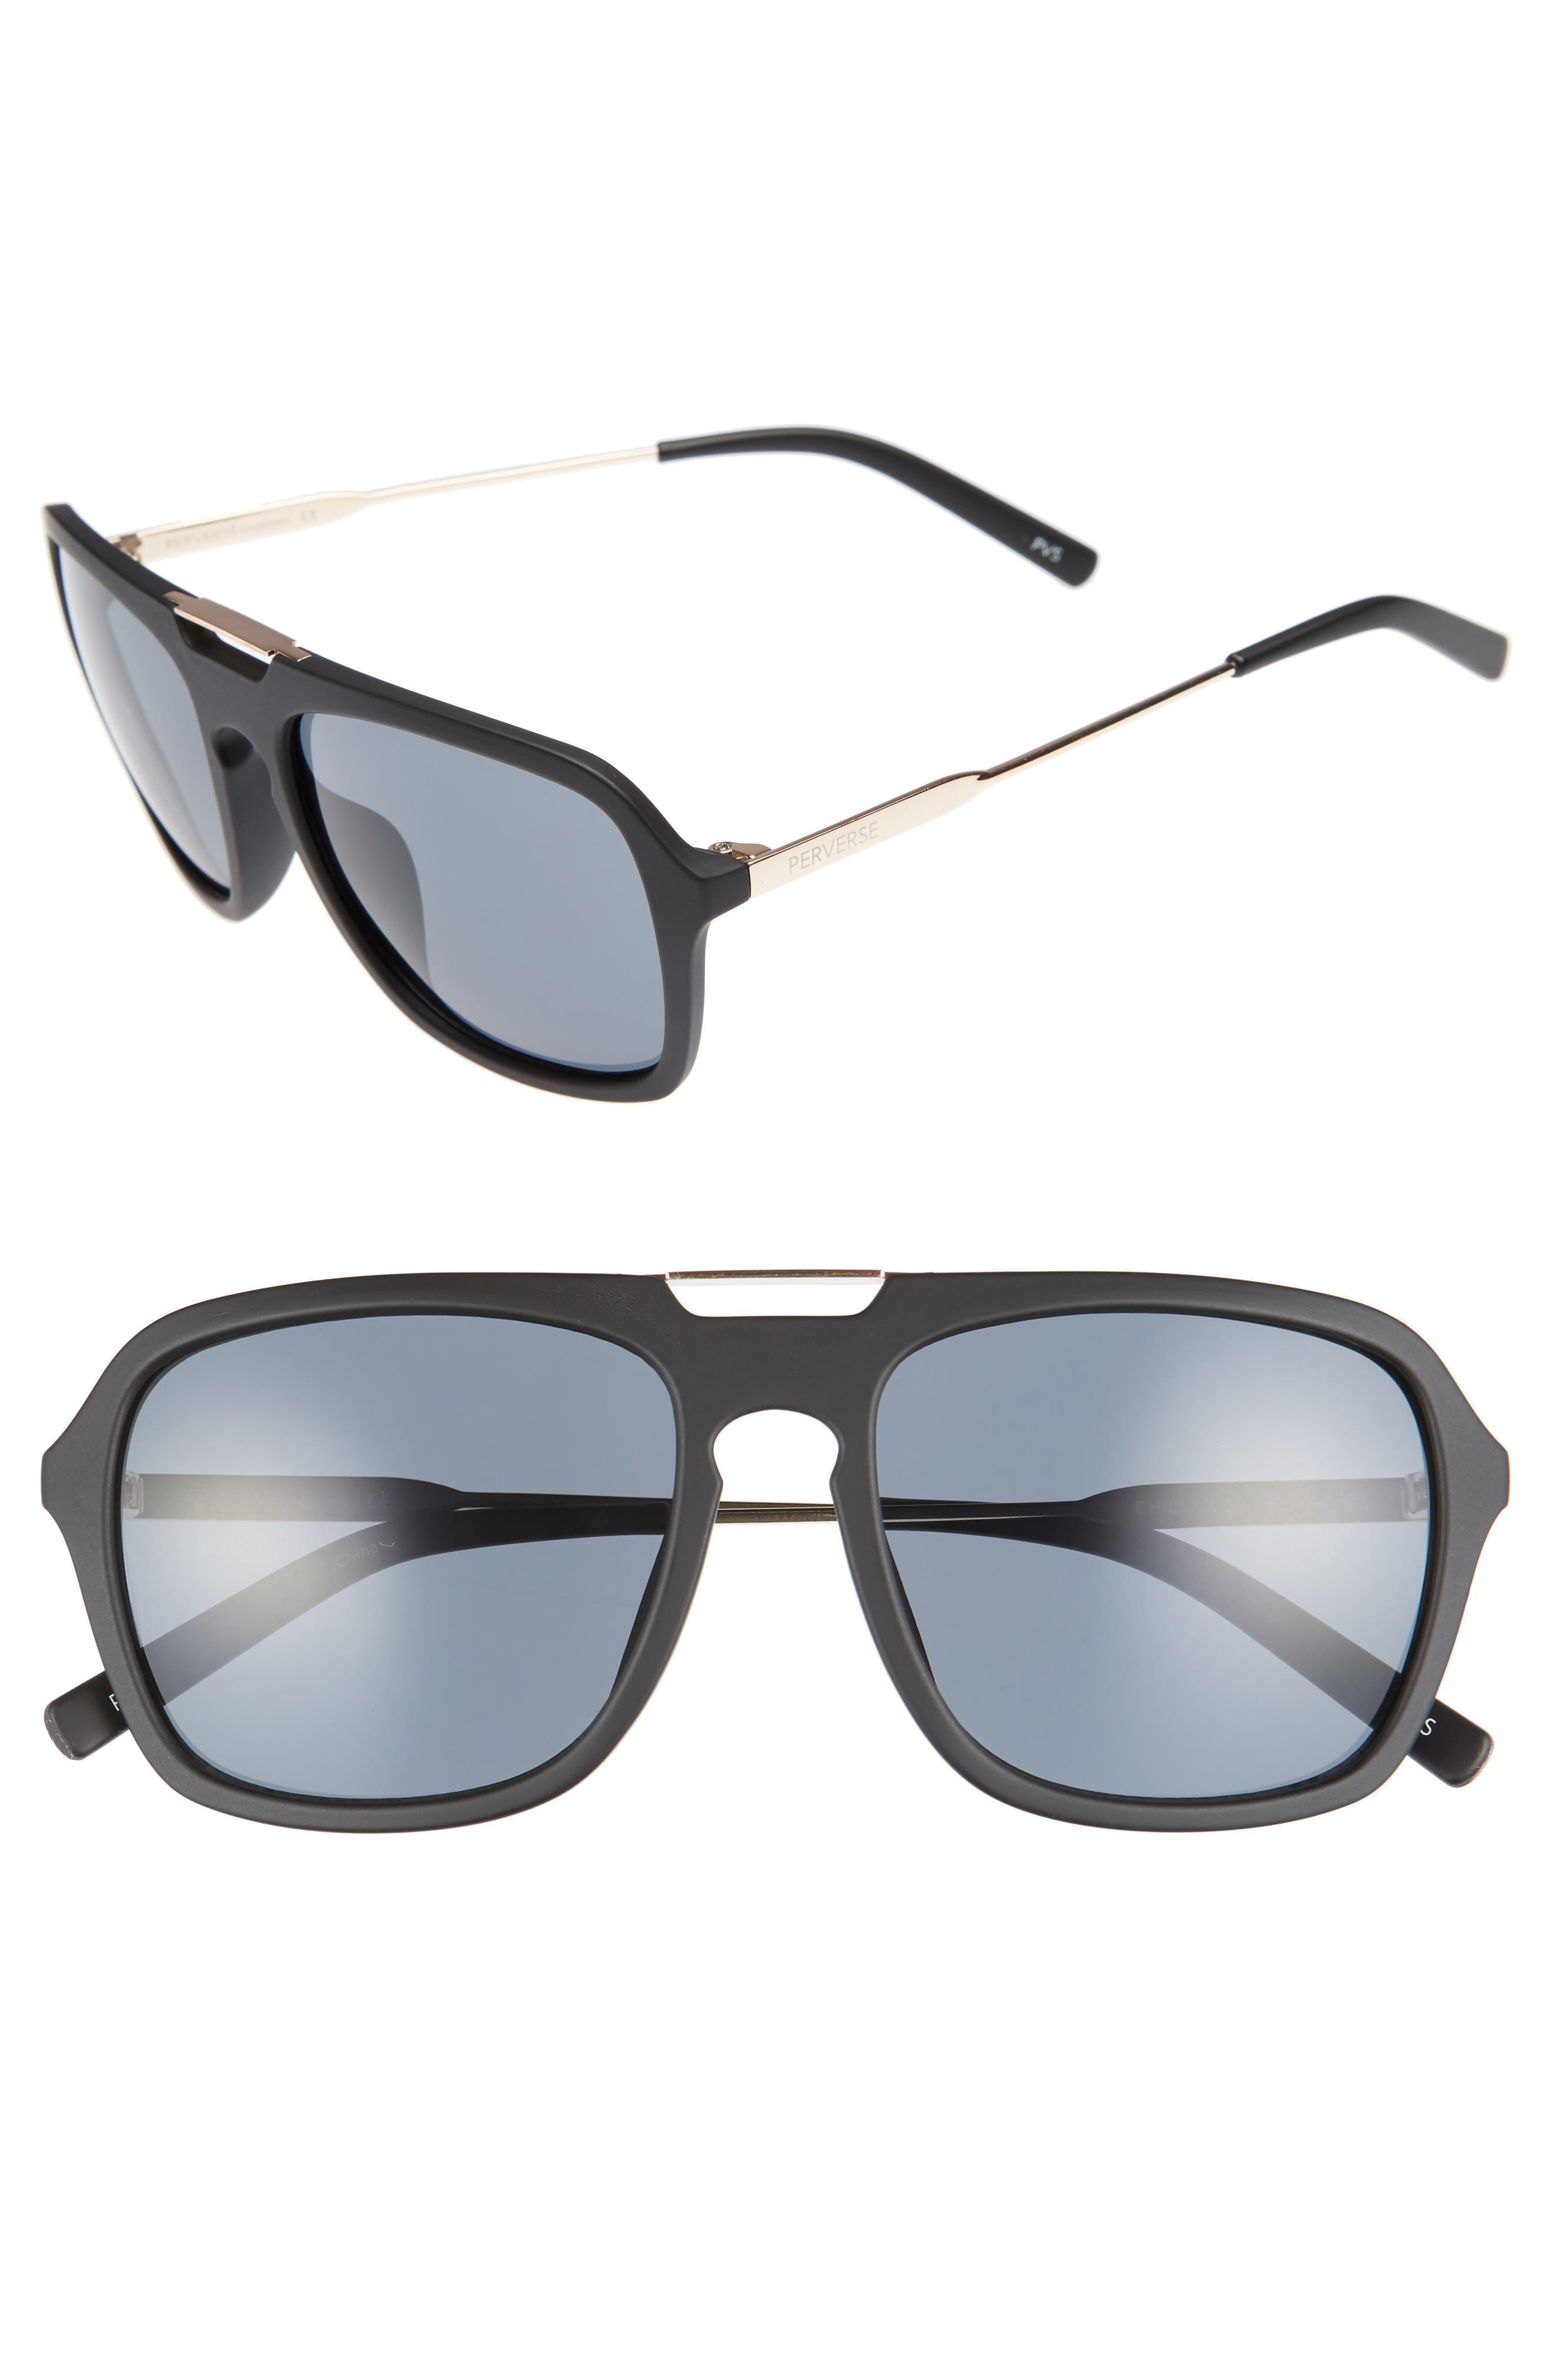 Chillax 55mm Polarized Aviator Sunglasses,                         Main,                         color, Black/ Black